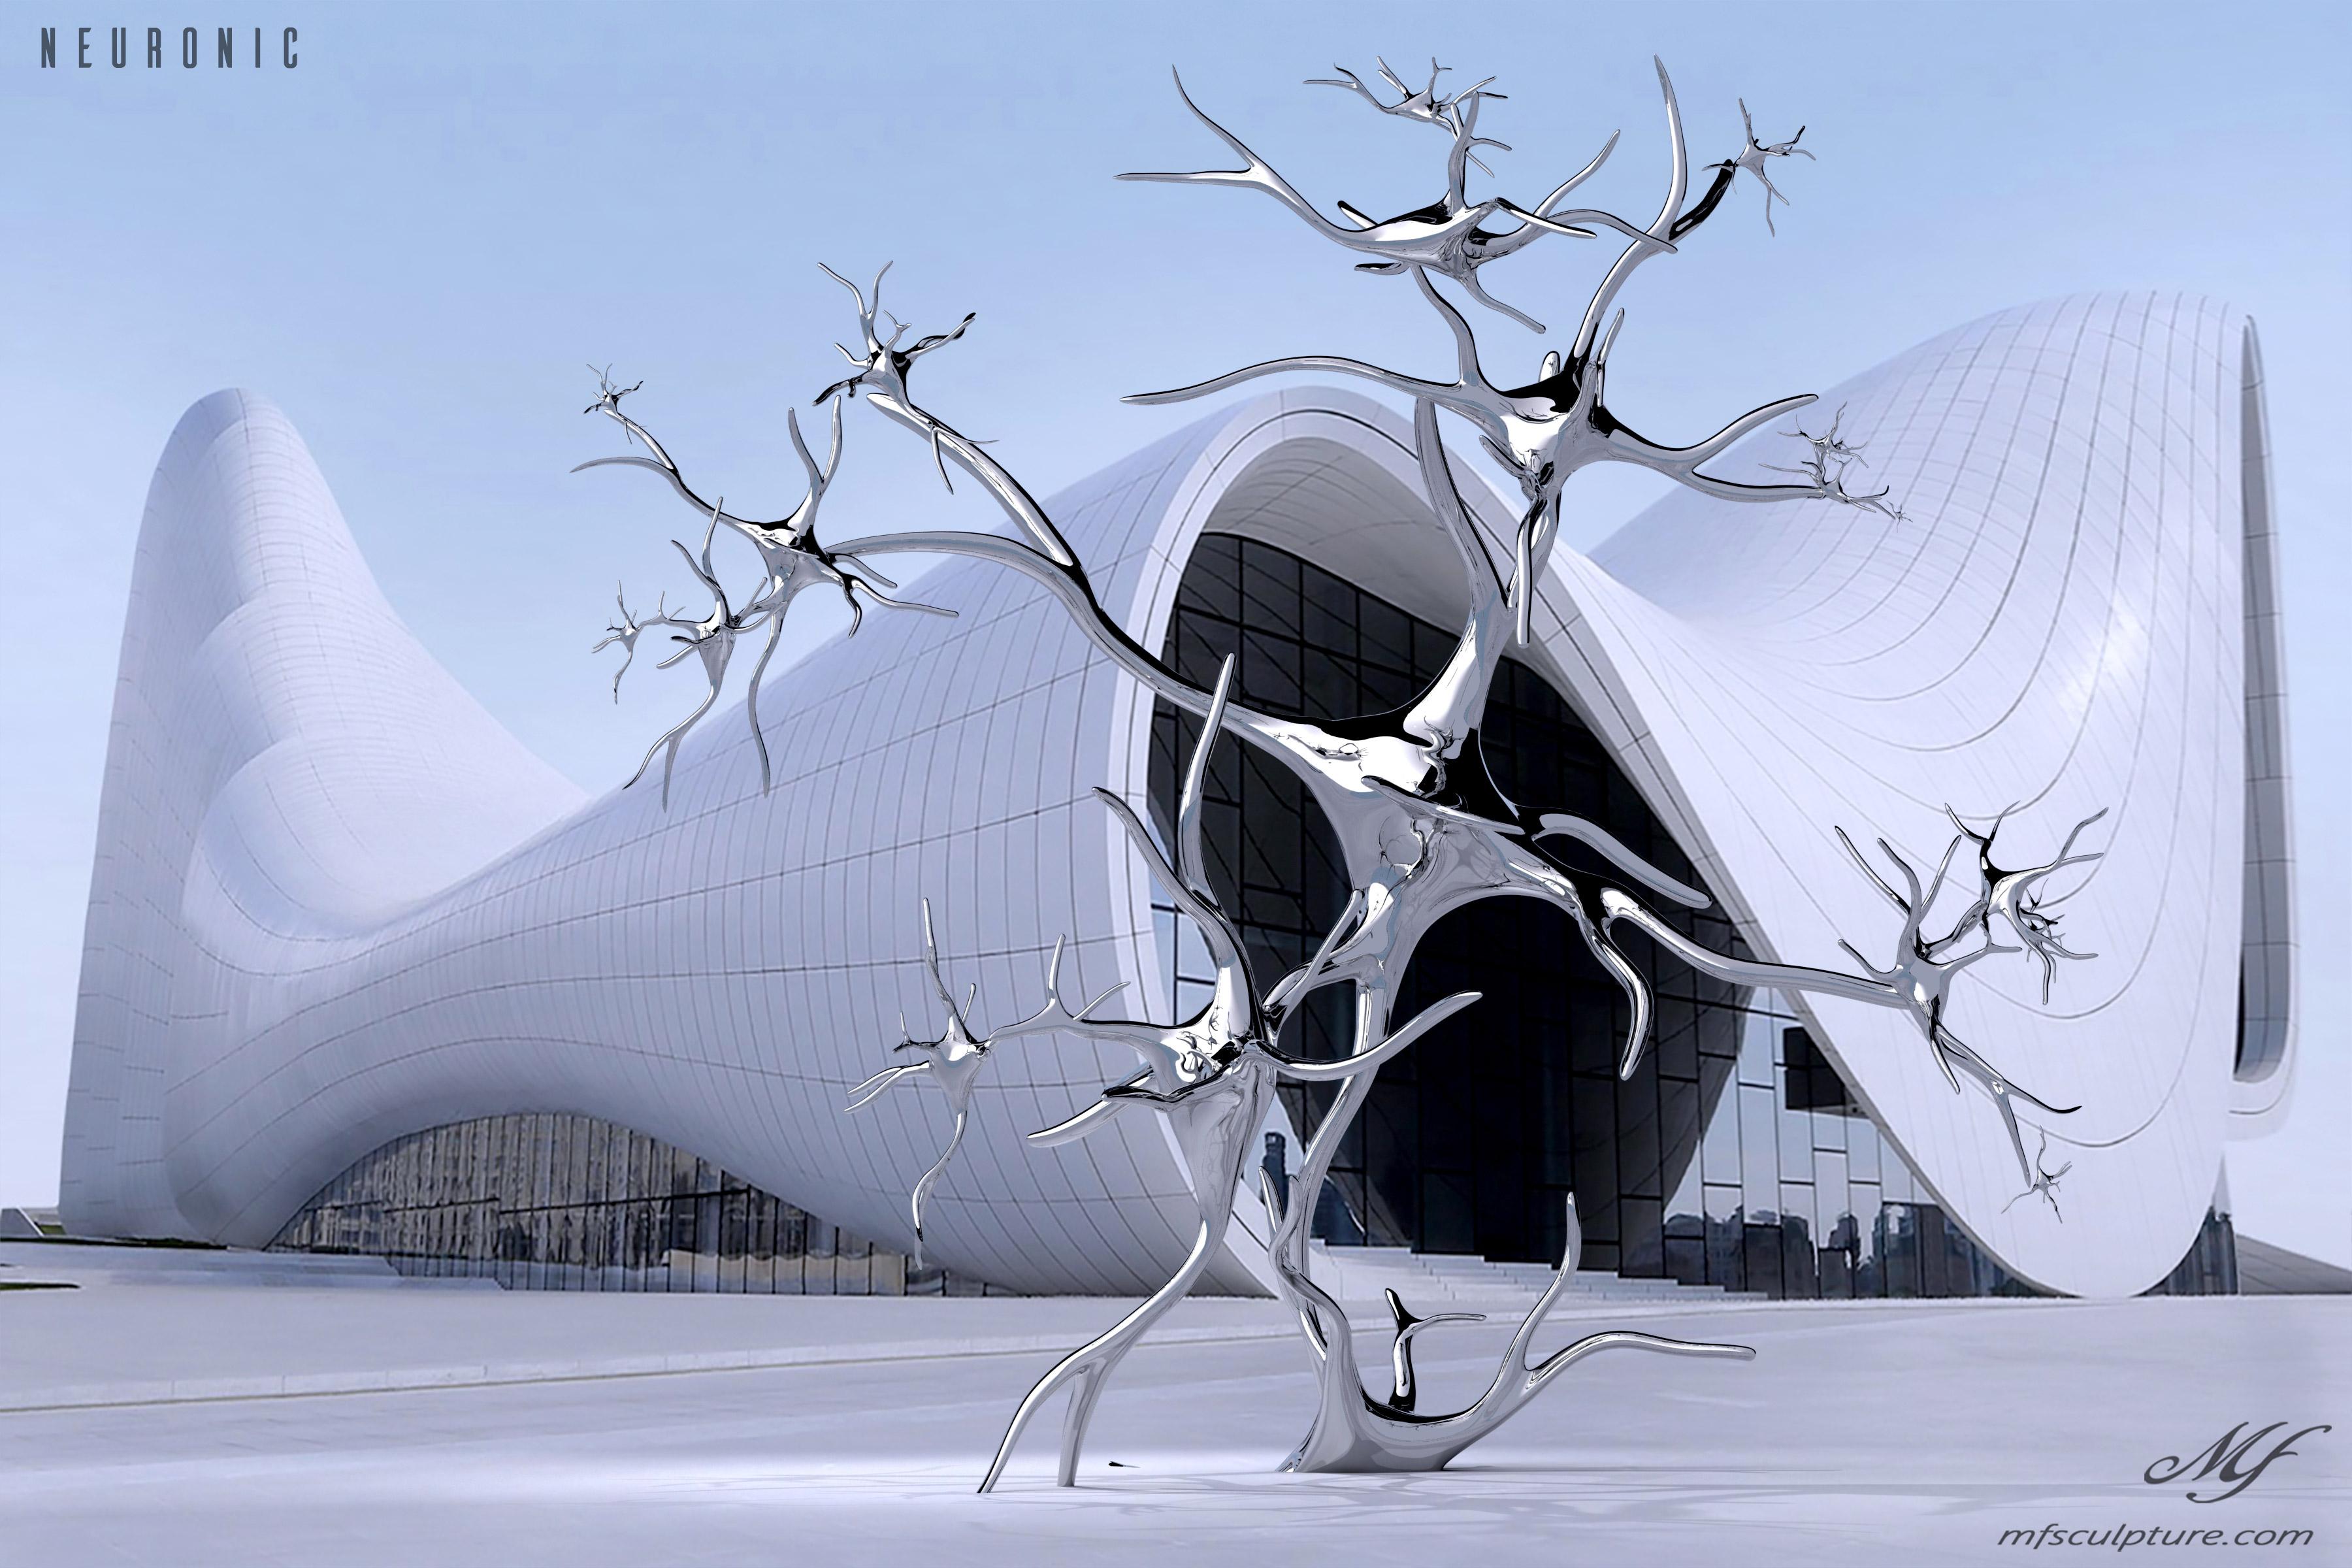 heydar aliyev center baku zaha hadid Modern Sculpture Neuronic Neuron Brain 1